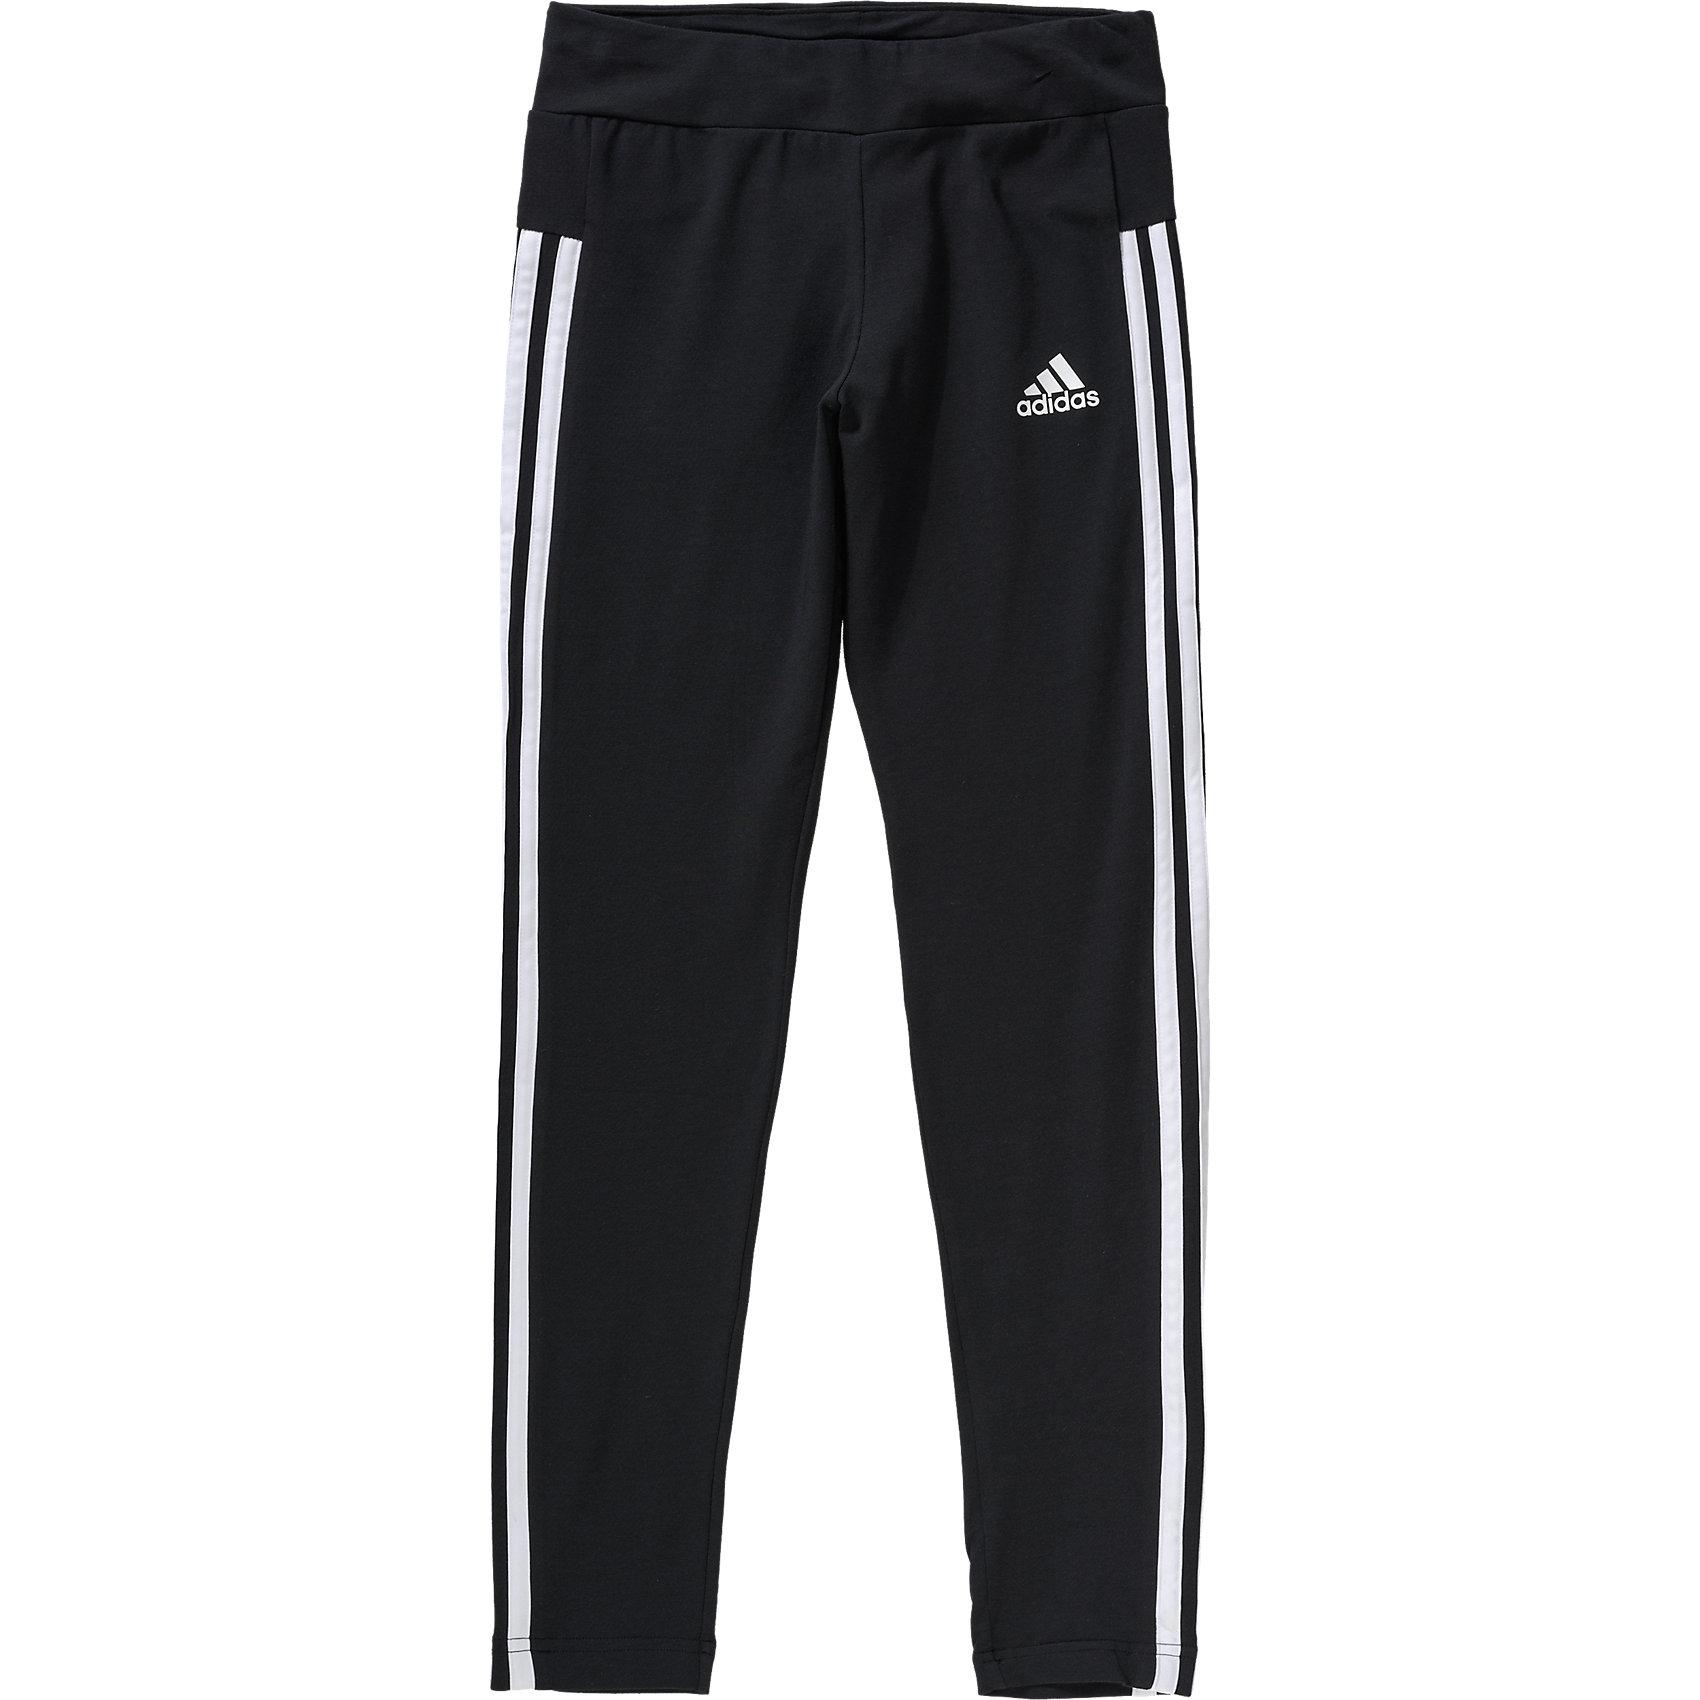 Details zu Neu adidas Performance Jogginghose für Mädchen 6049990 für  Mädchen